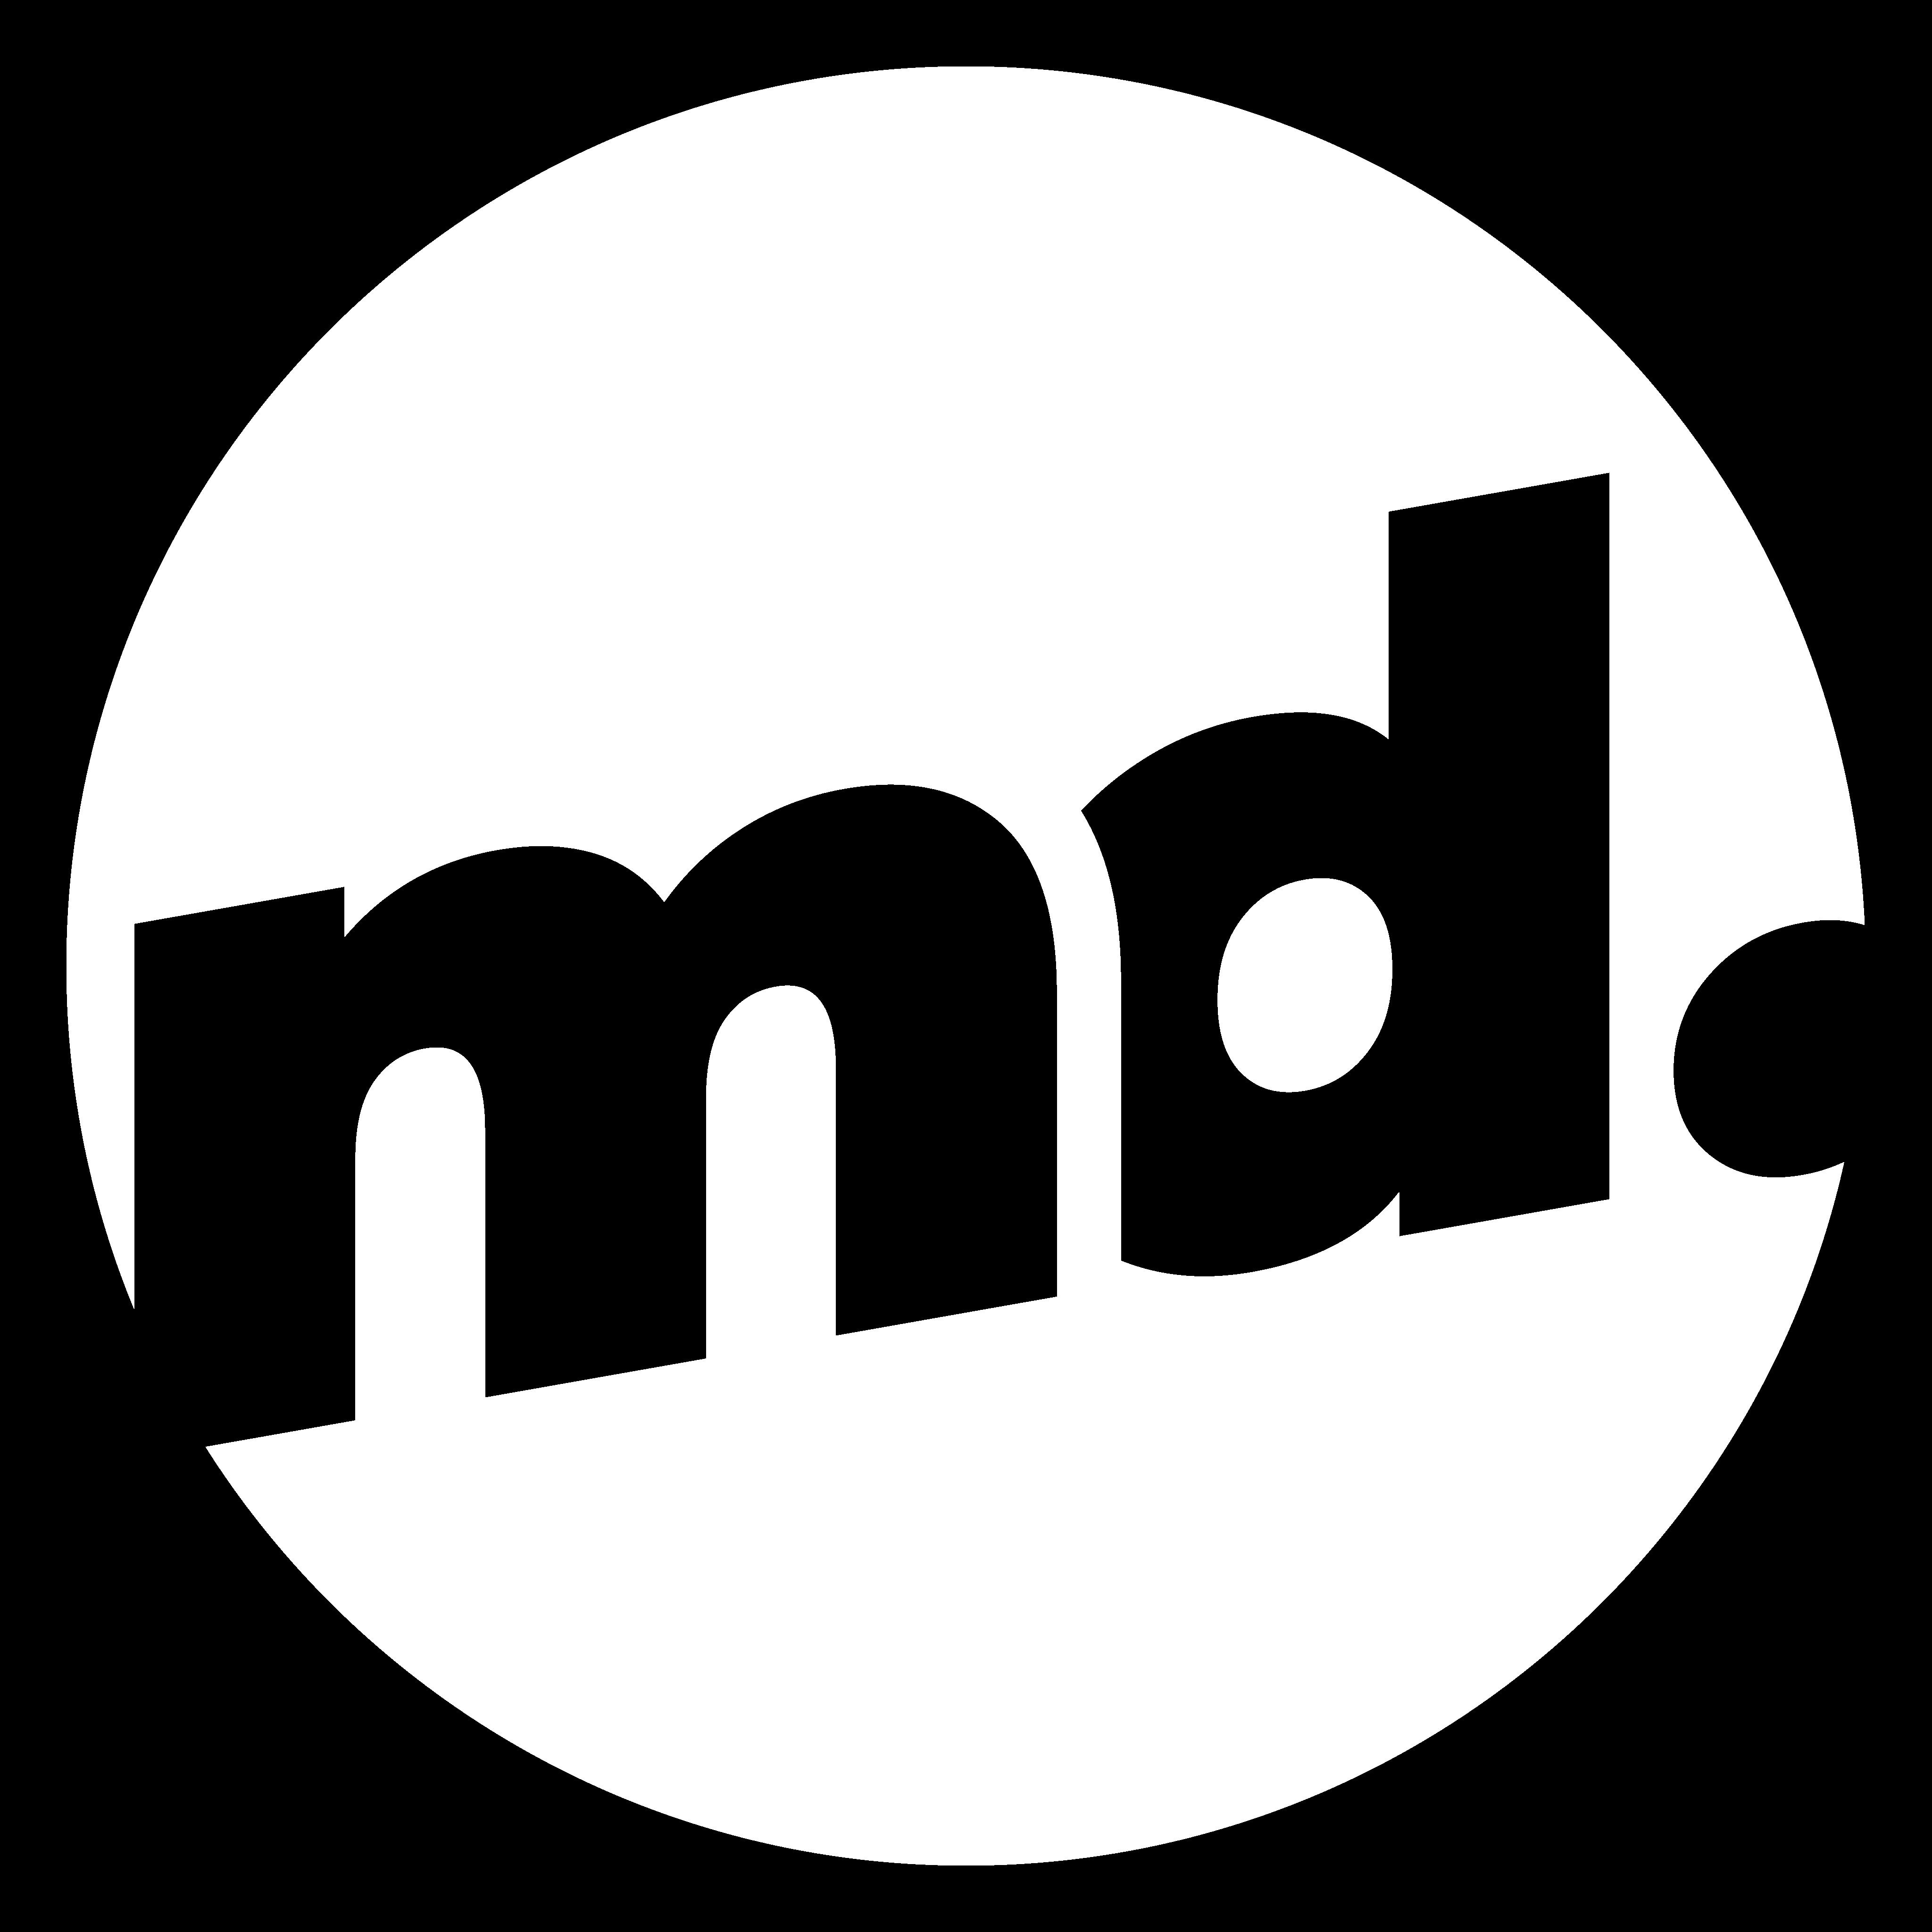 Mattdelgadoo